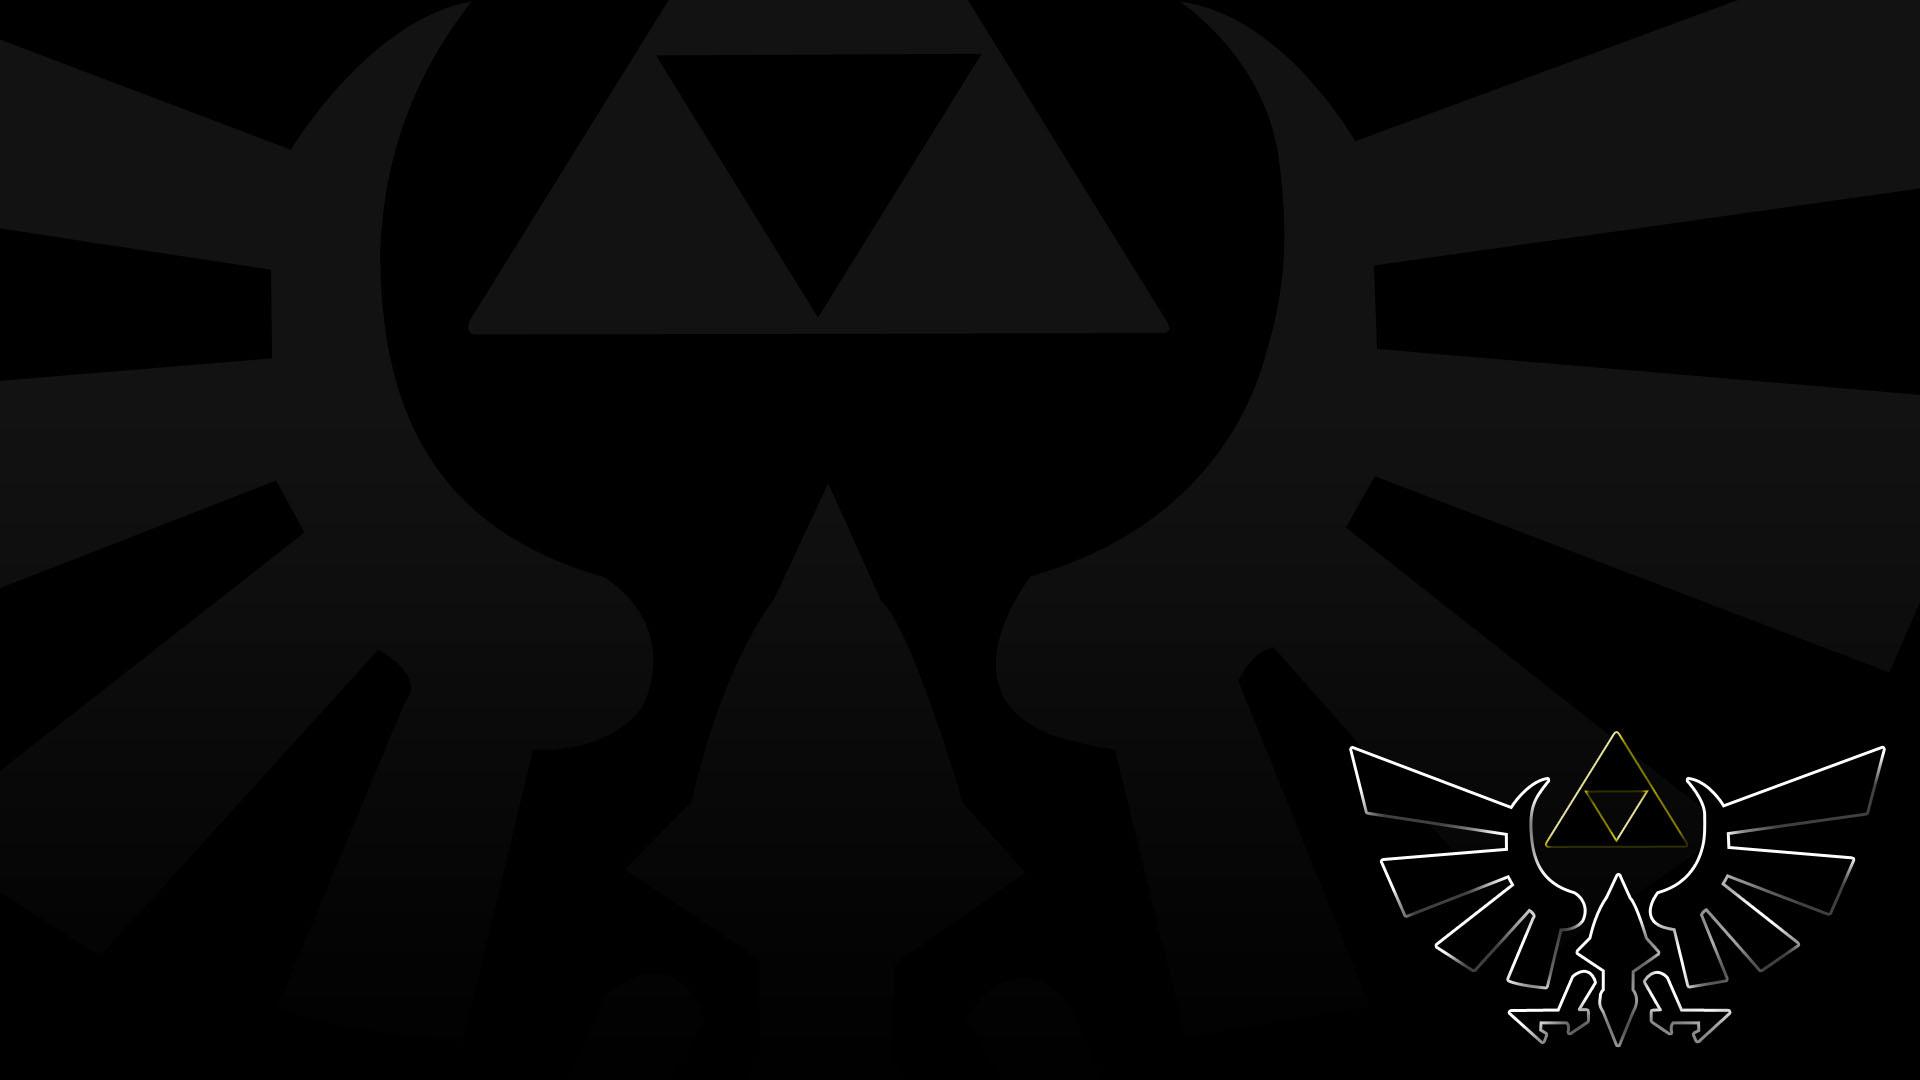 Zelda Wallpaper 1920x1080 Triforce Zelda Triforce 1920x1080